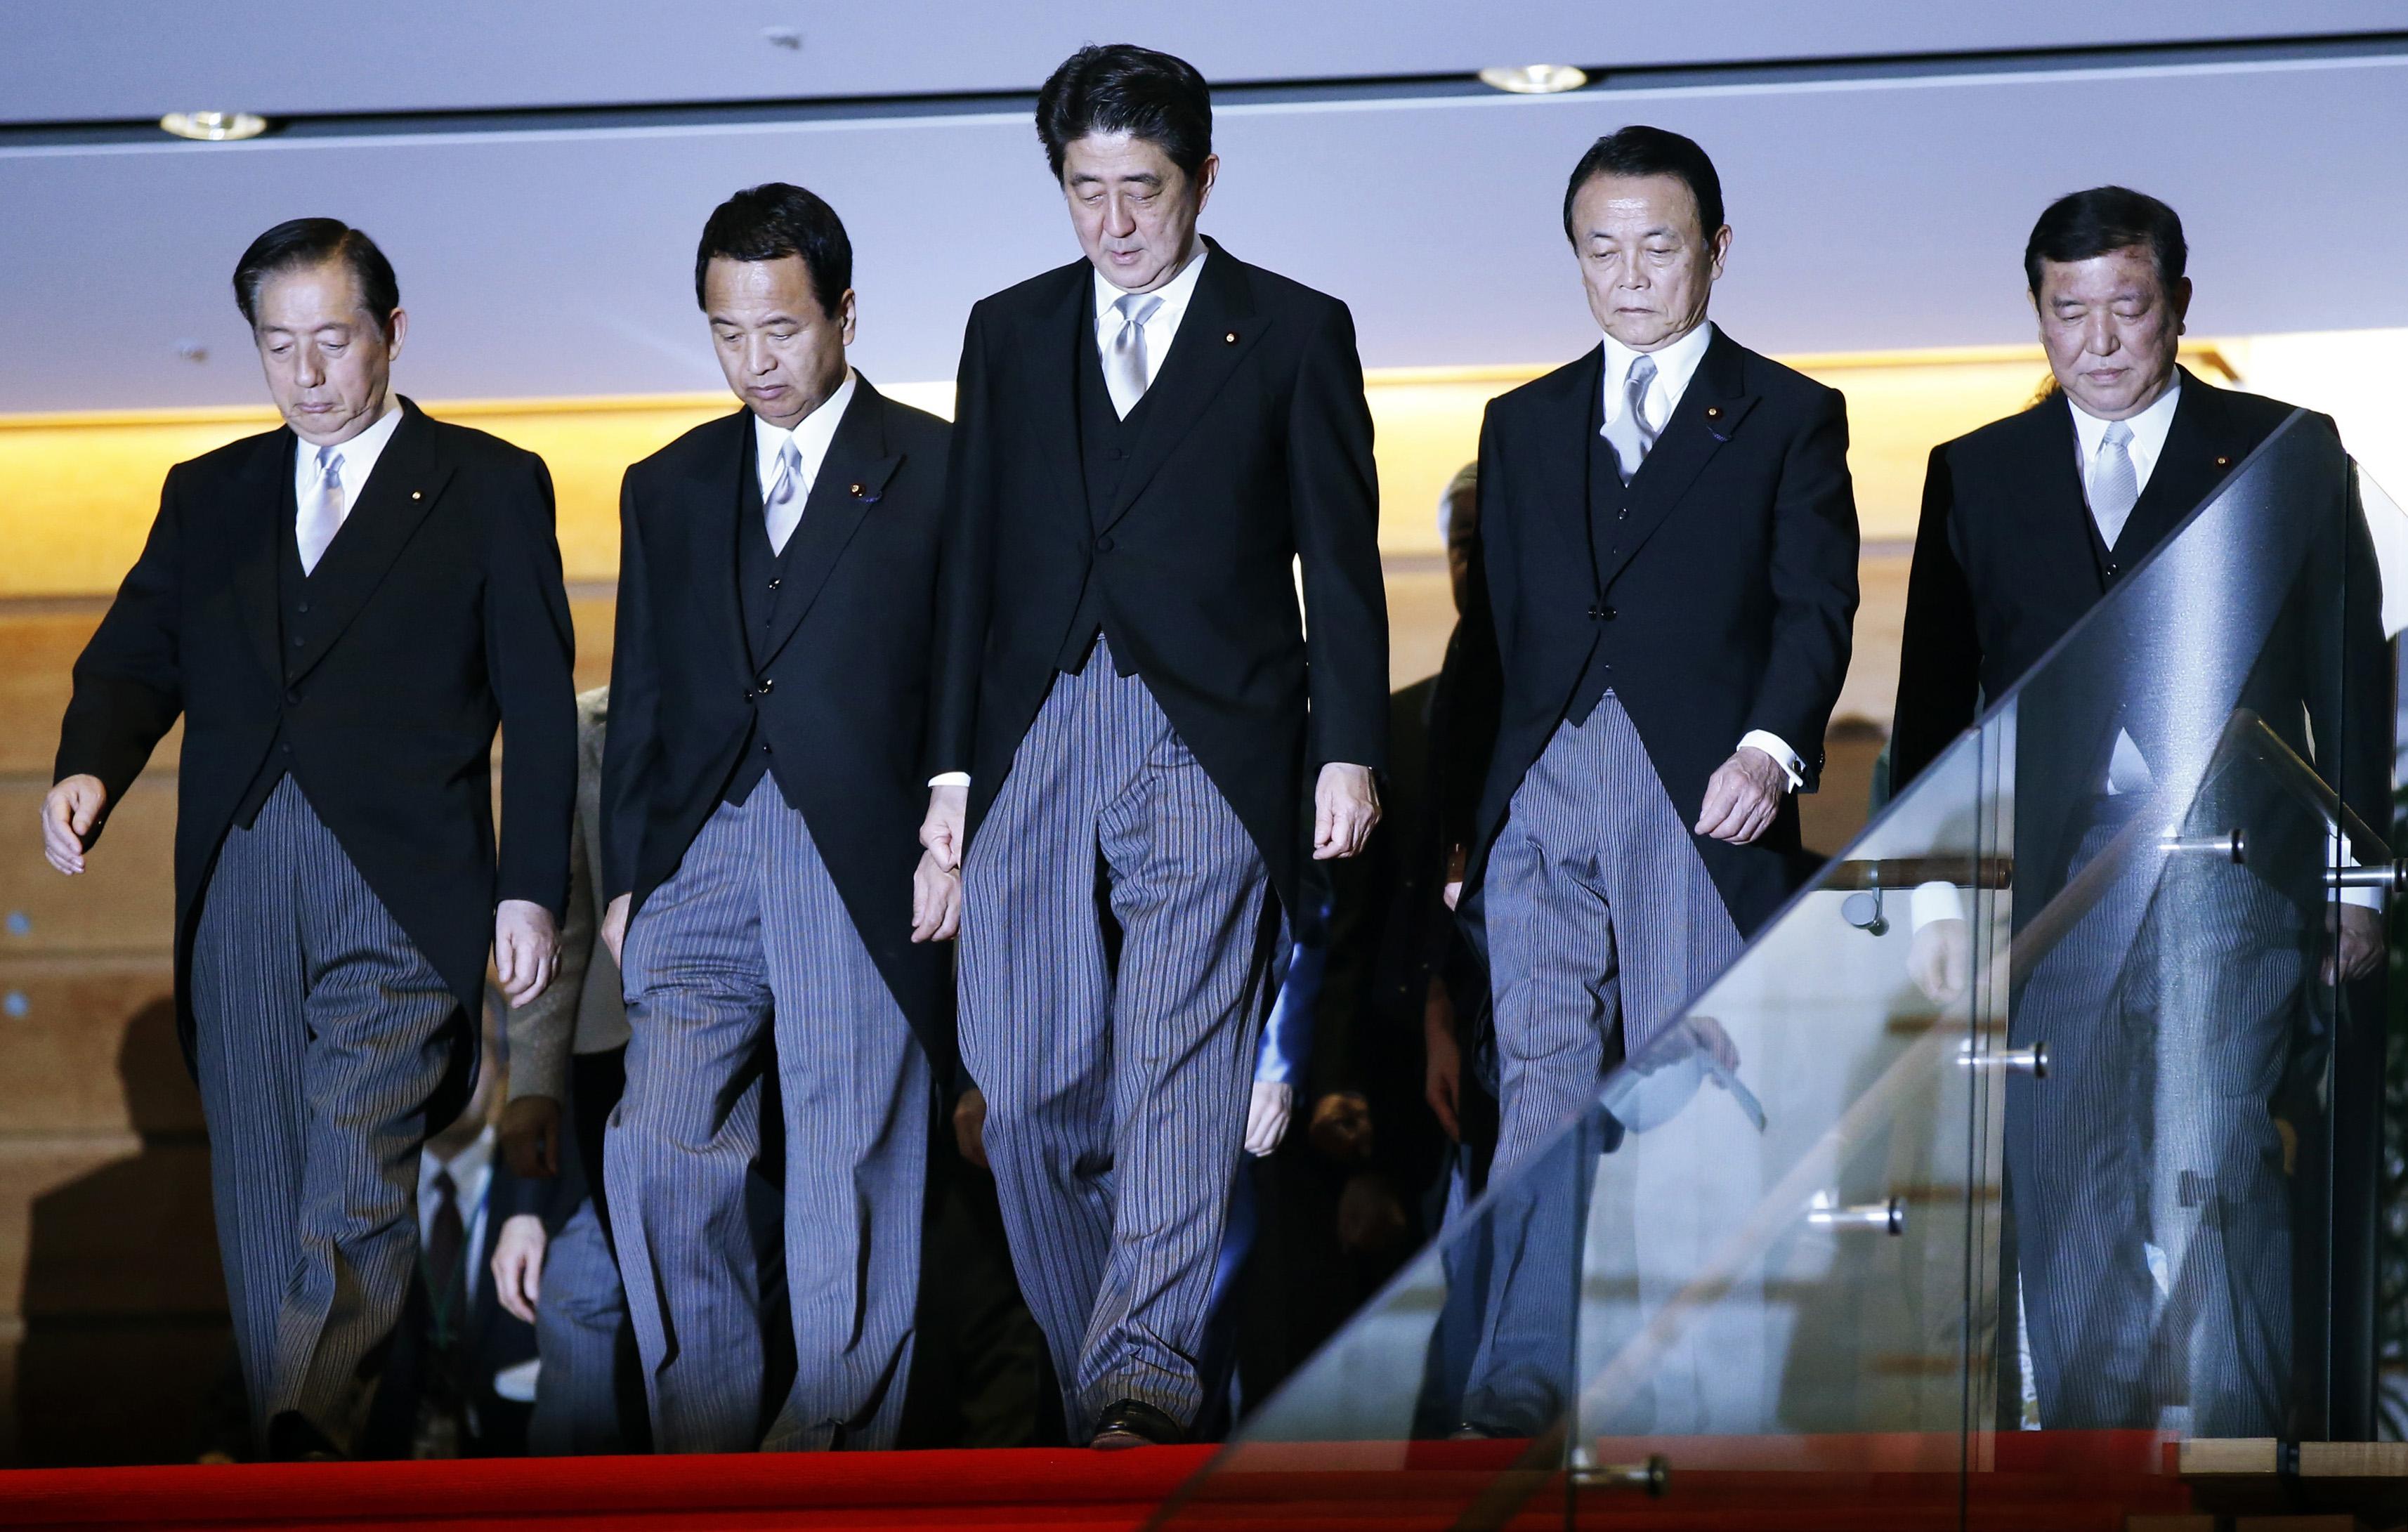 Ιαπωνία: Πακέτο 29 δισ. δολαρίων για την οικονομία